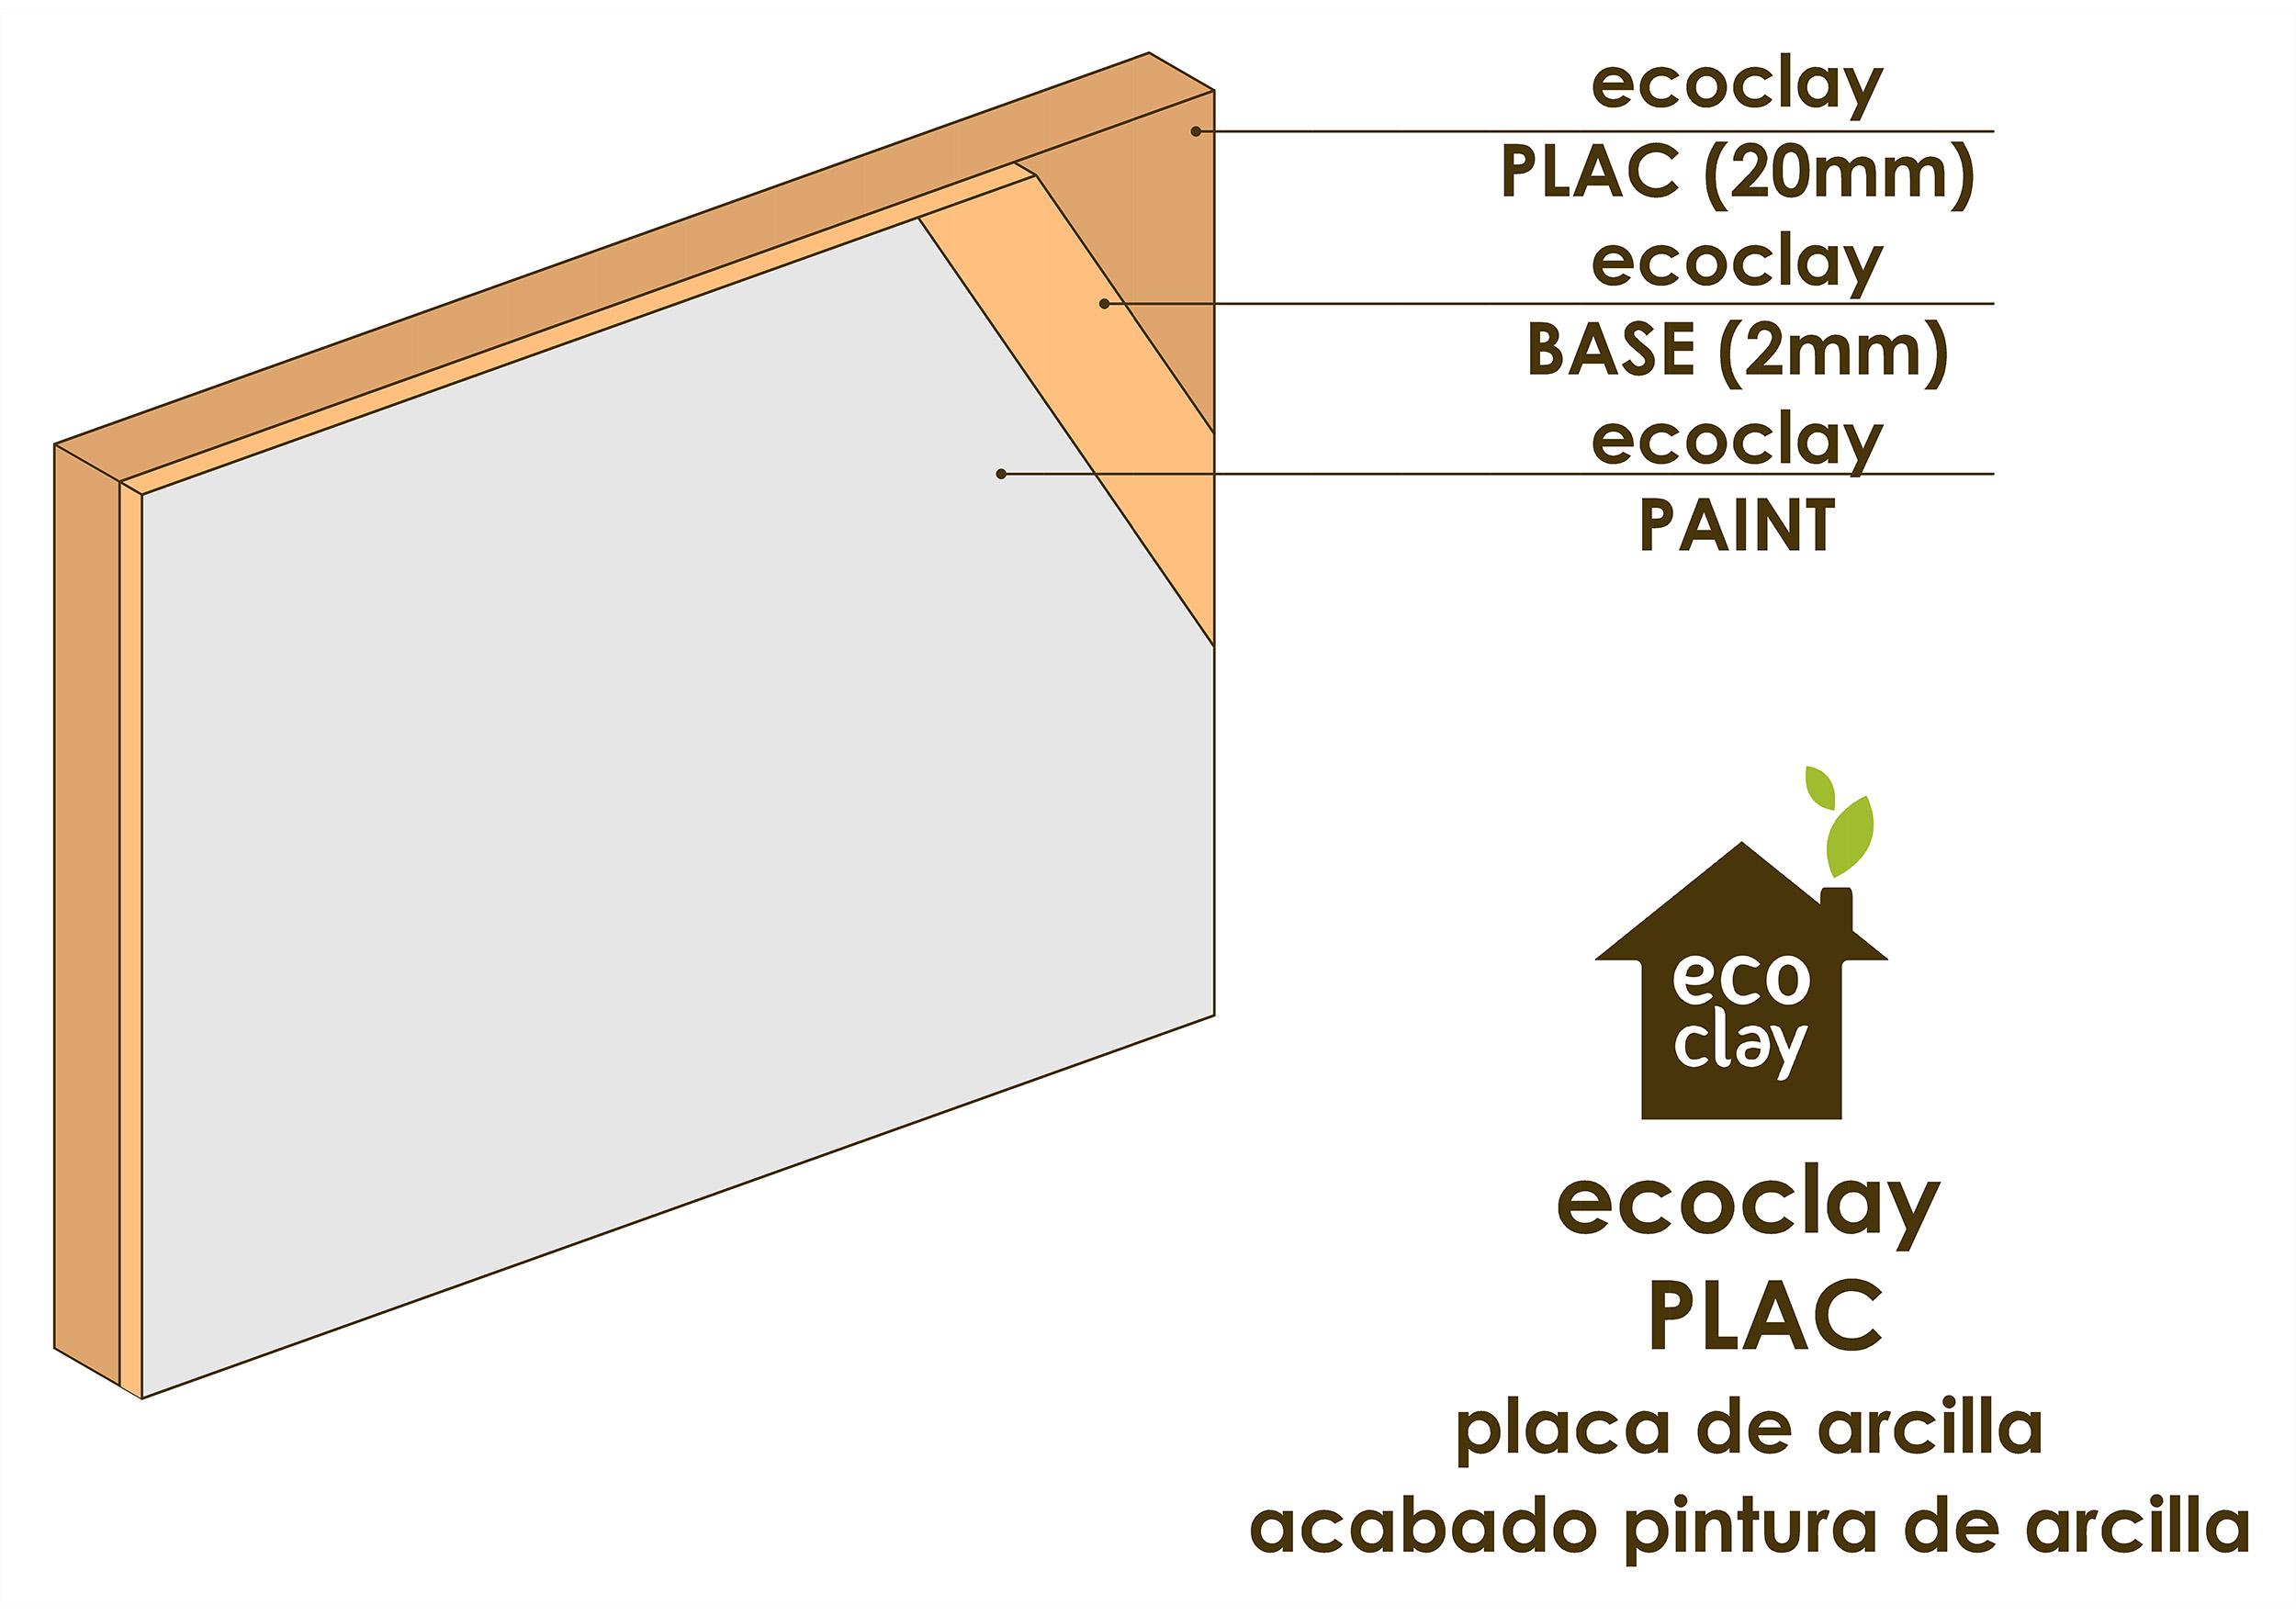 ecoclayPLAC, acabado pintura de arcilla, ecoclay PAINT